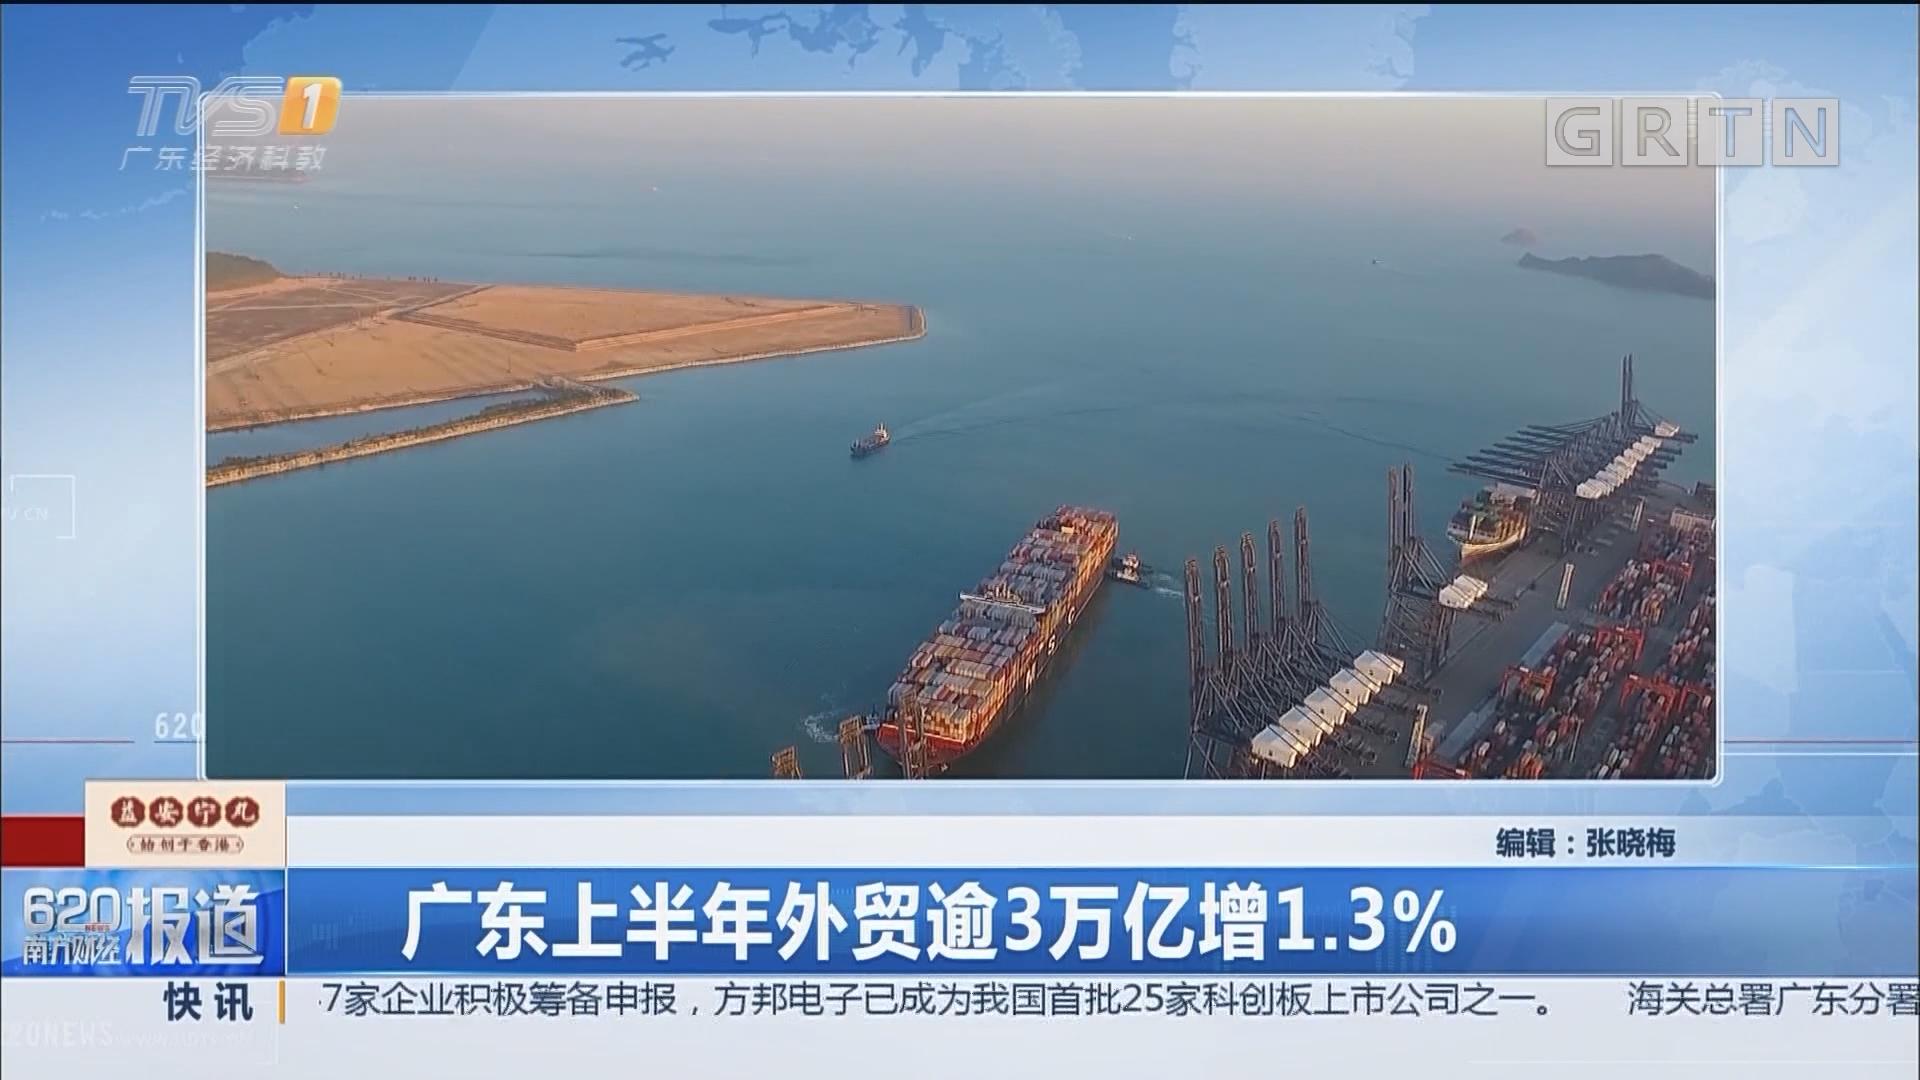 广东上半年外贸逾3万亿增1.3%